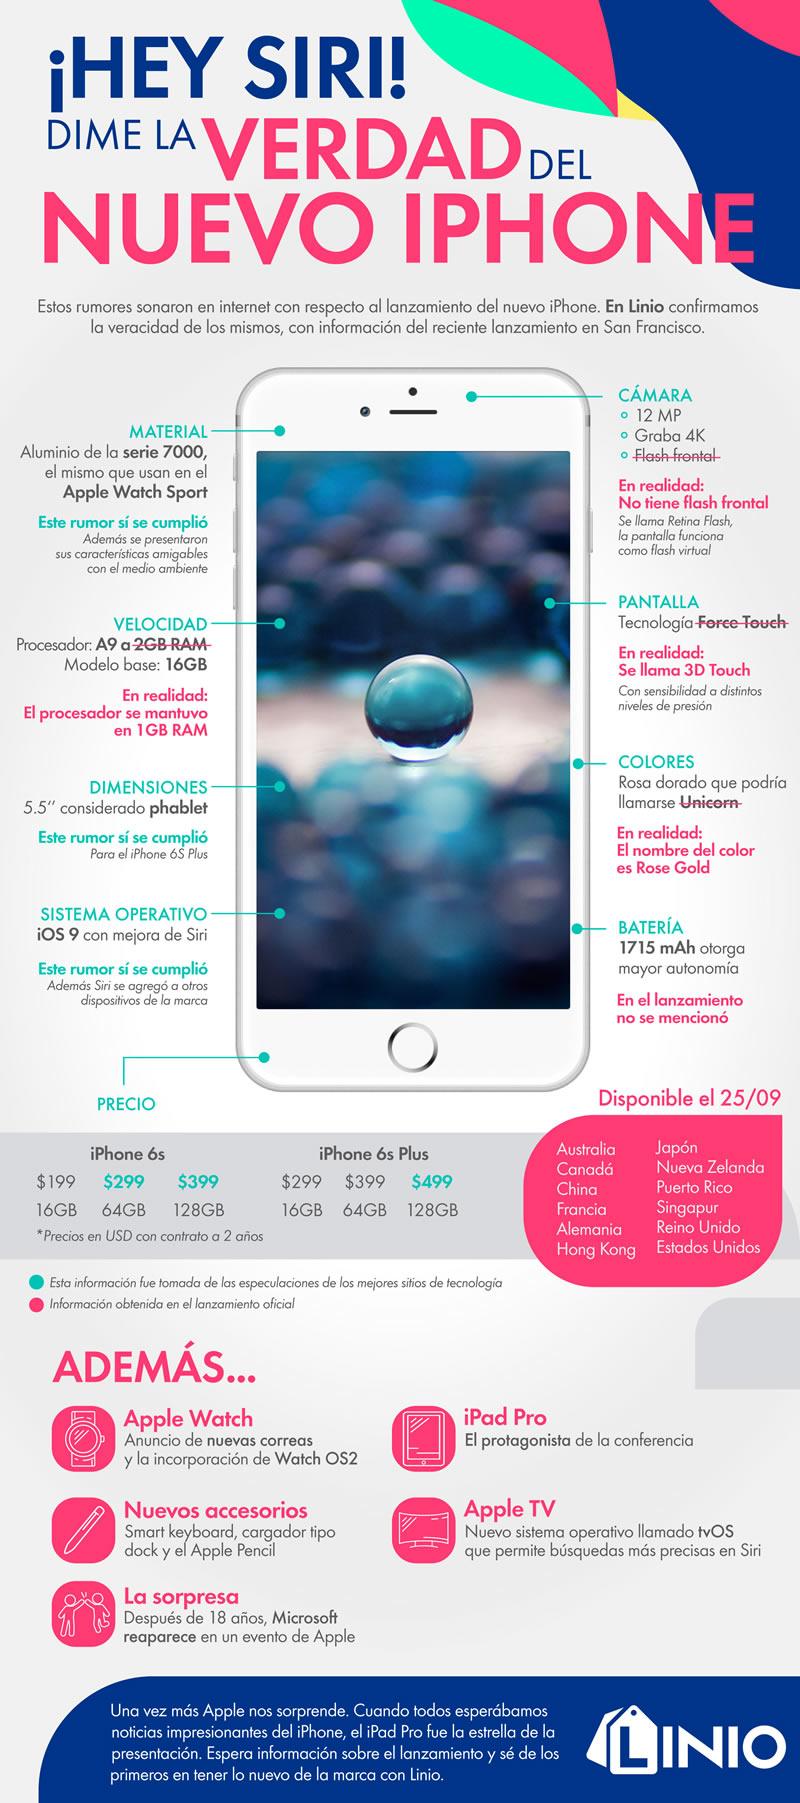 iPad Pro, iPhone 6S y lo destacado del Keynote de Apple en una infografía - Nuevo-iPhone-6S-infografia